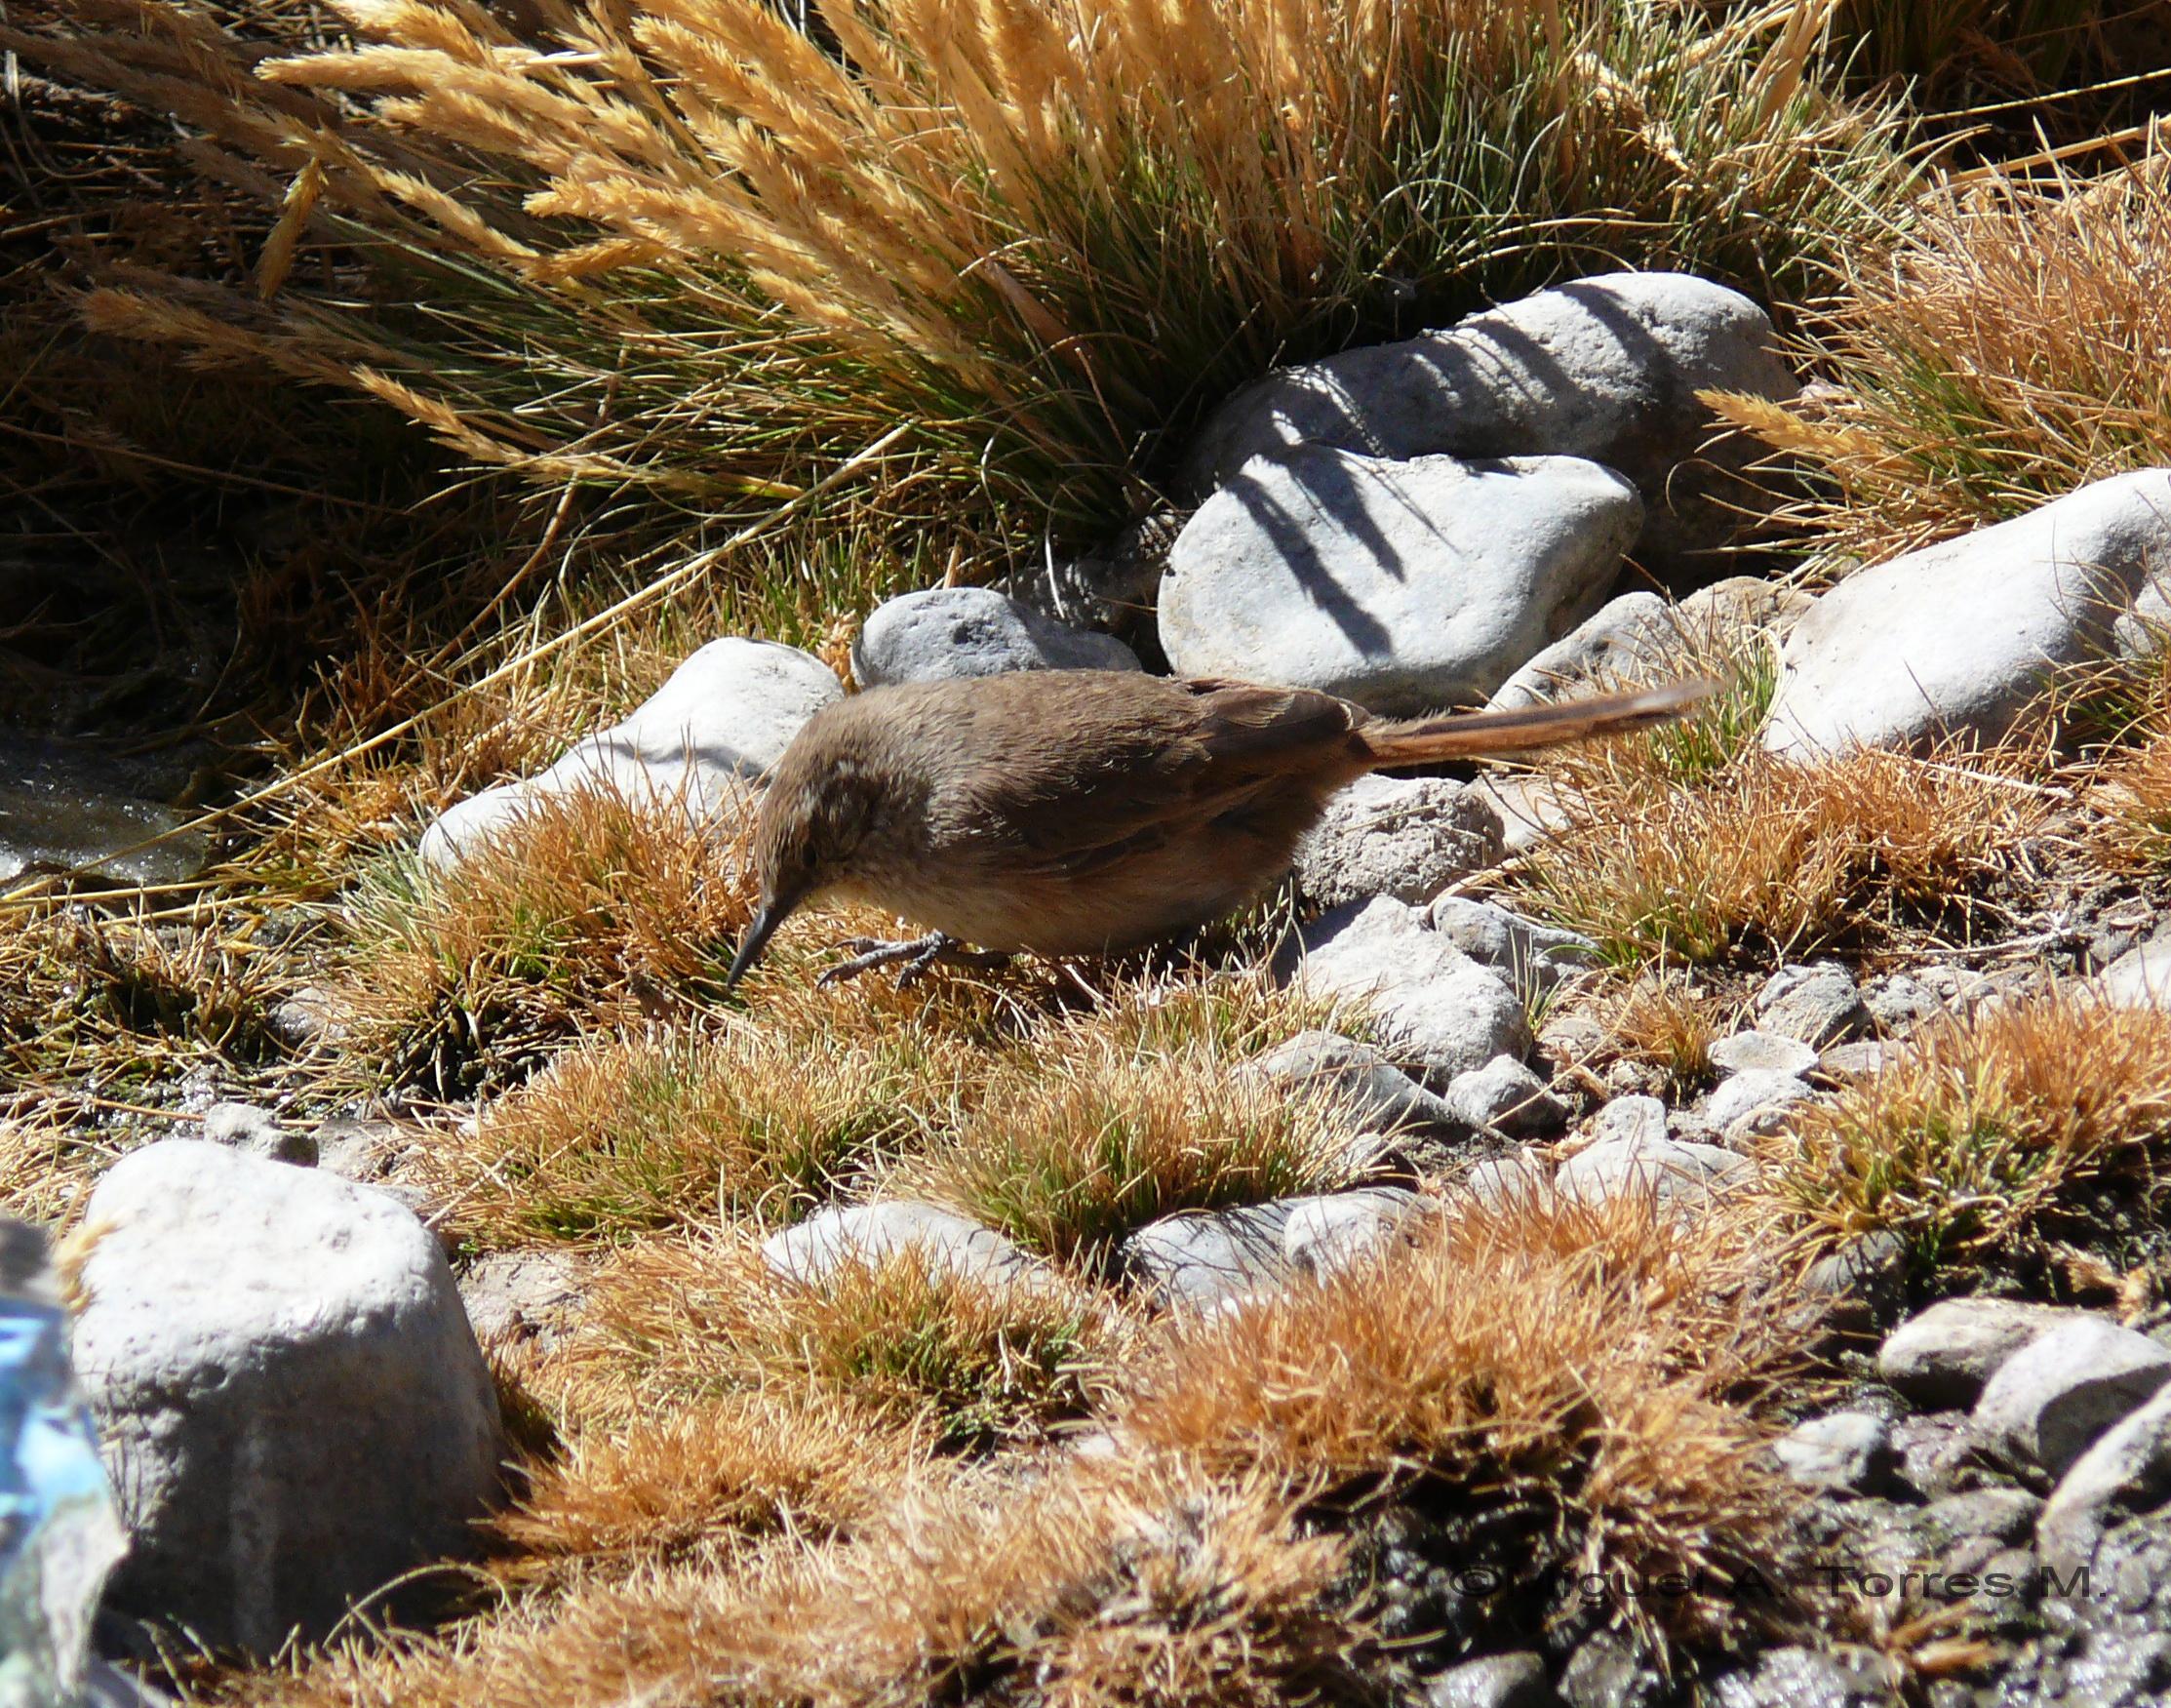 Scientific Name: Cordilleran Canastero - Photo: Miguel A. Torres M.